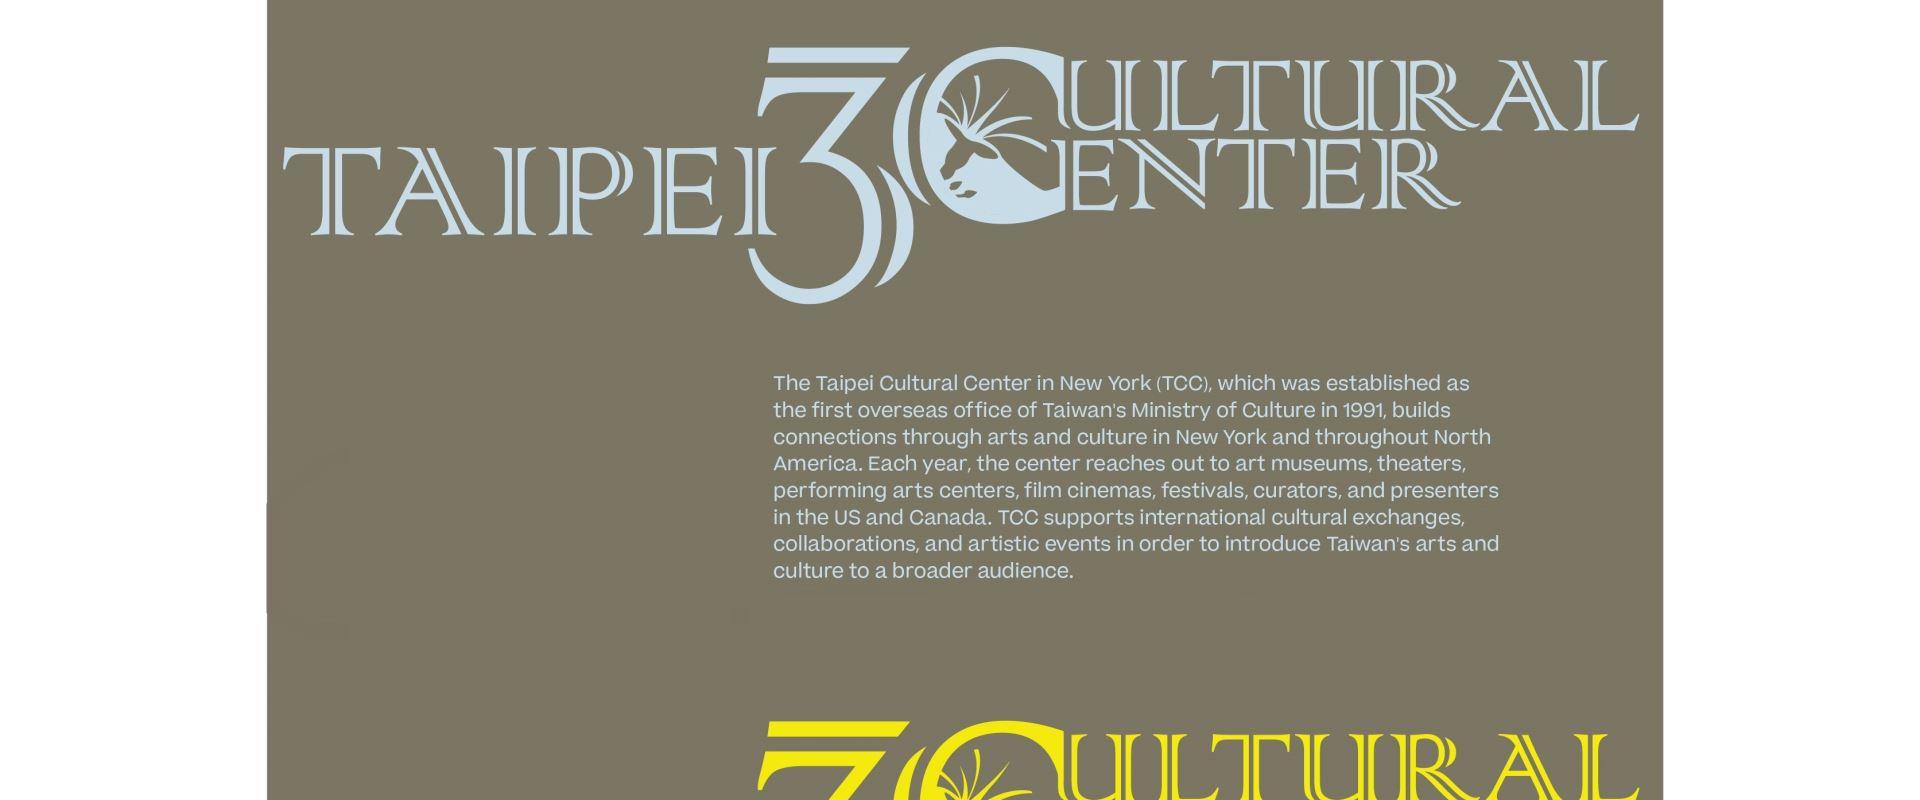 駐紐約台北文化中心成立30週年opennewwindow